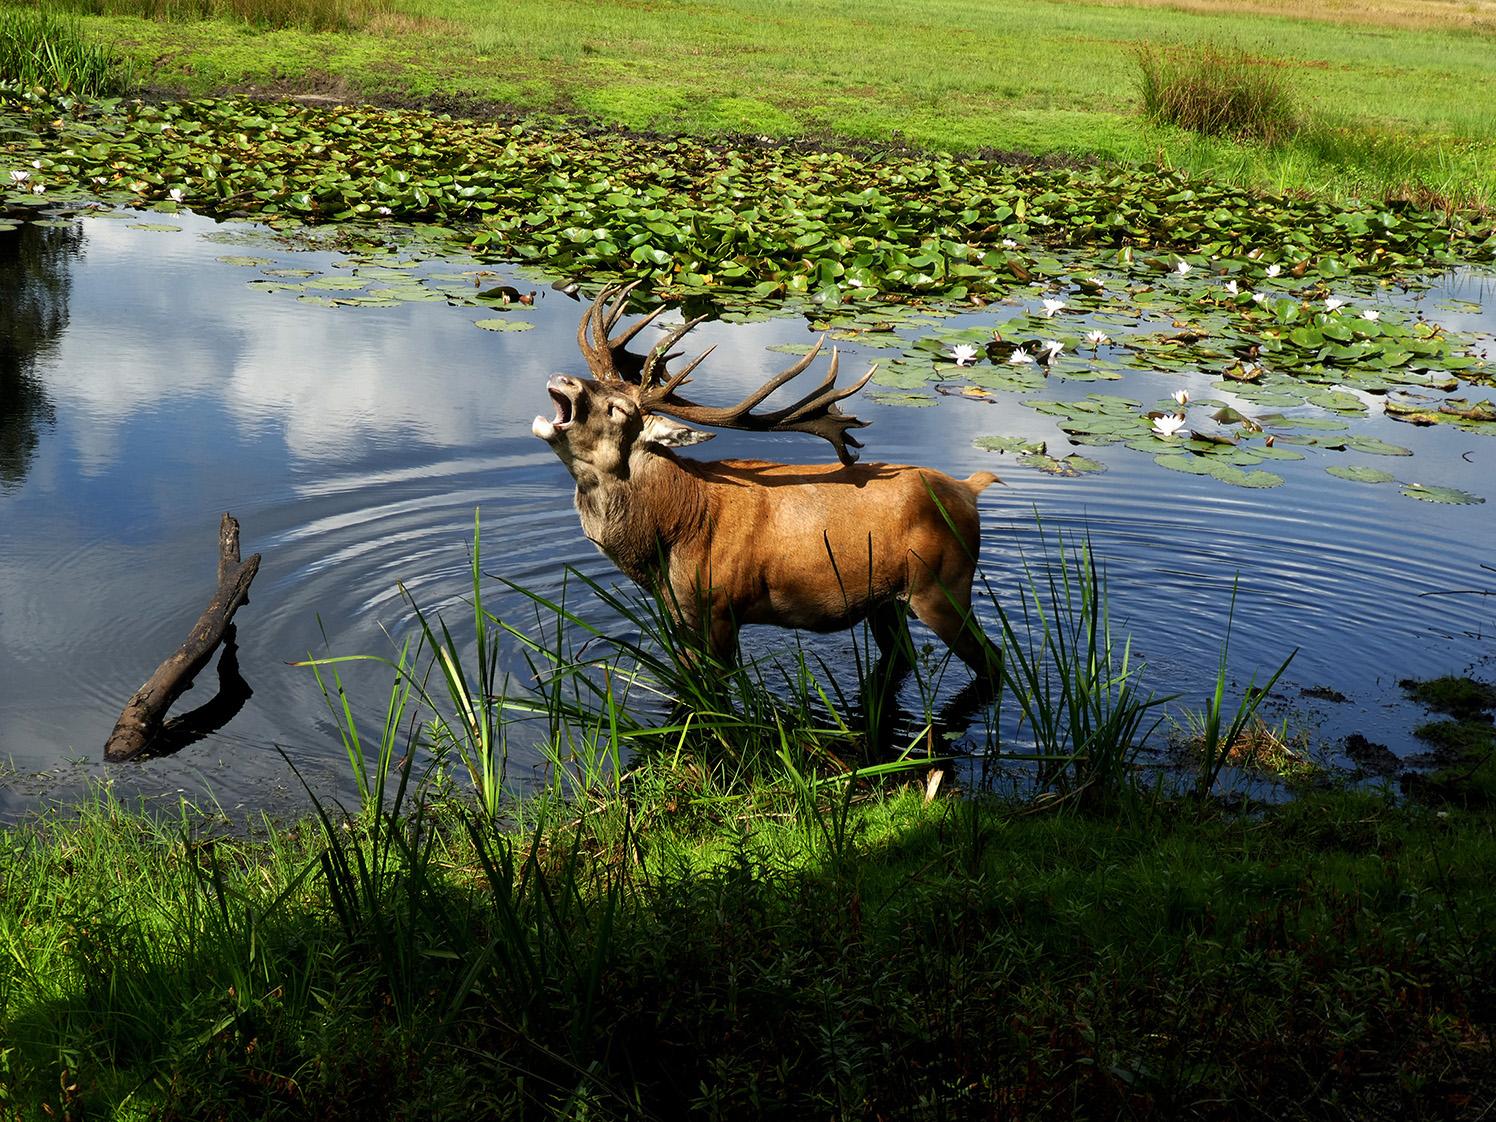 Regelmatig staat Hubertus te gapen terwijl hij verkoeling zoekt in het water - Foto: ©Florus van den Berg